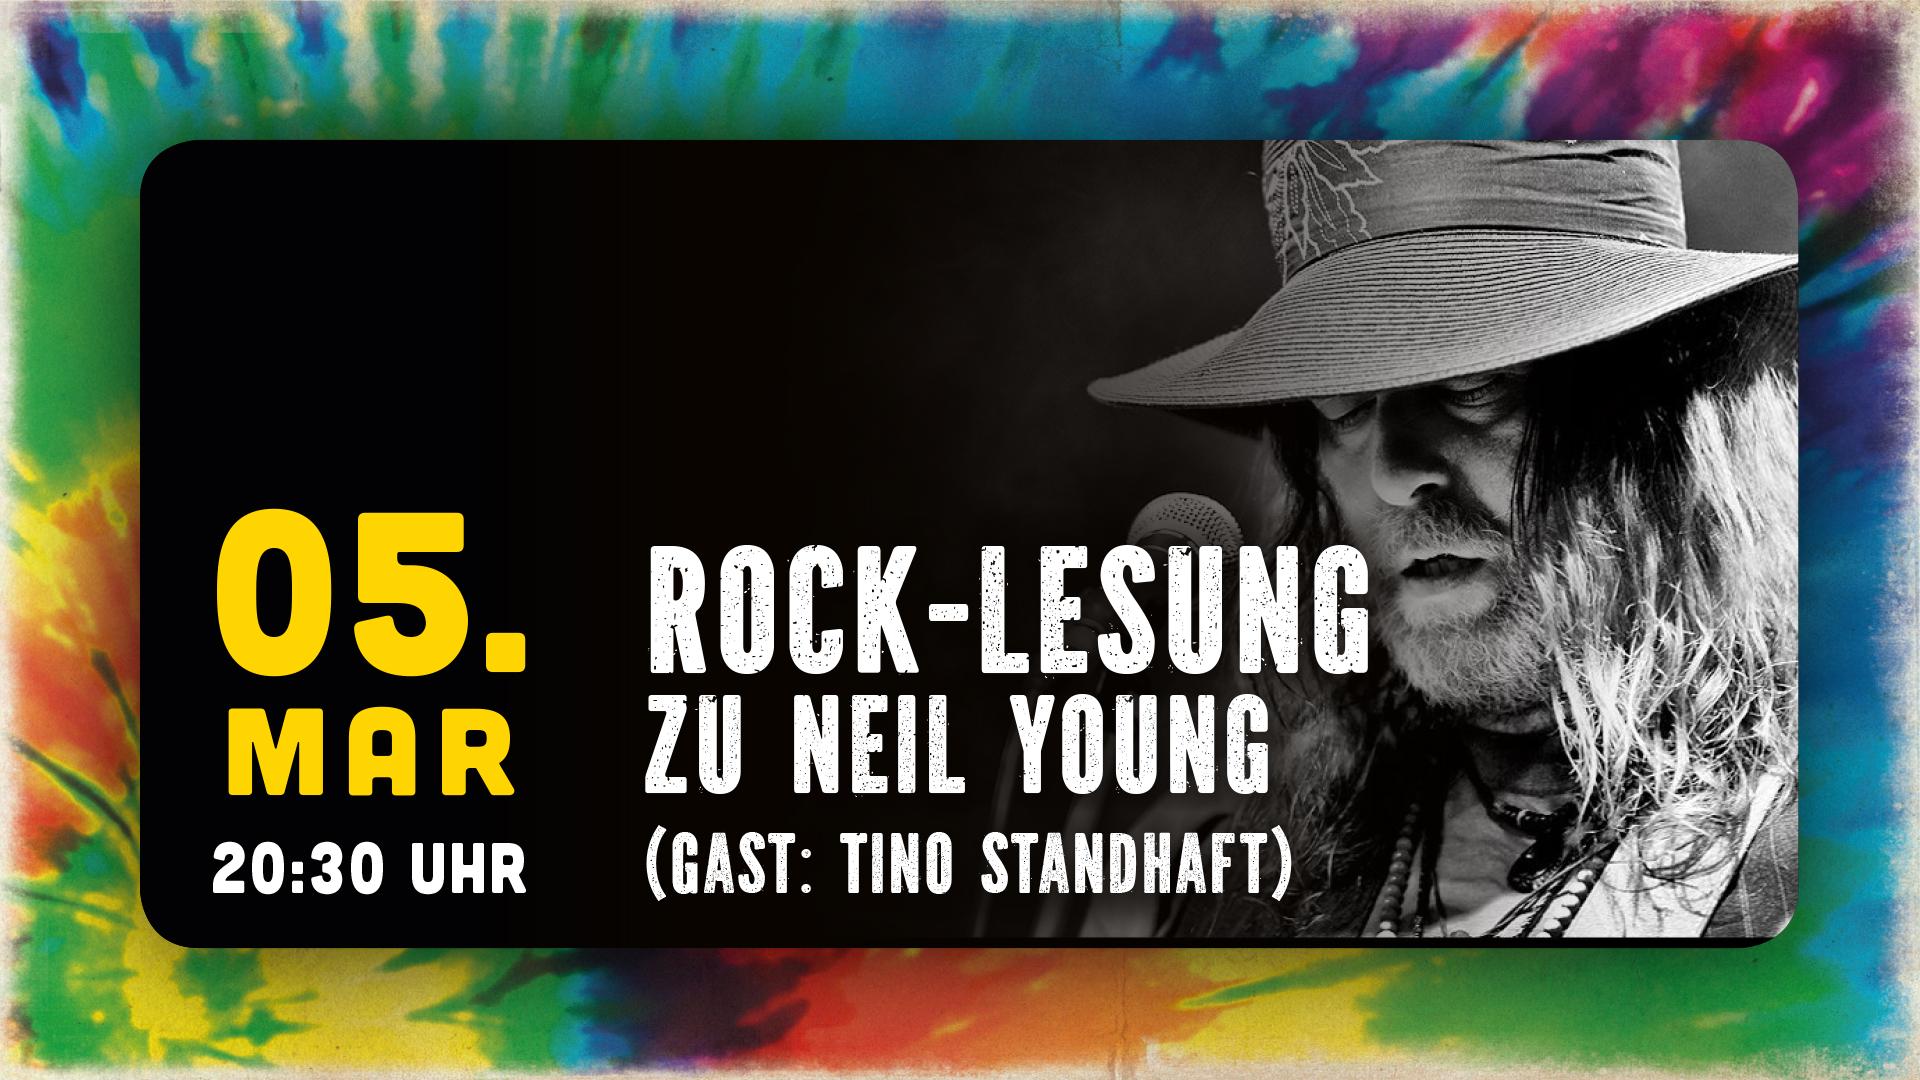 """Flowerpower Rock-Lesung zu """"Neil Young"""" Gast: László"""